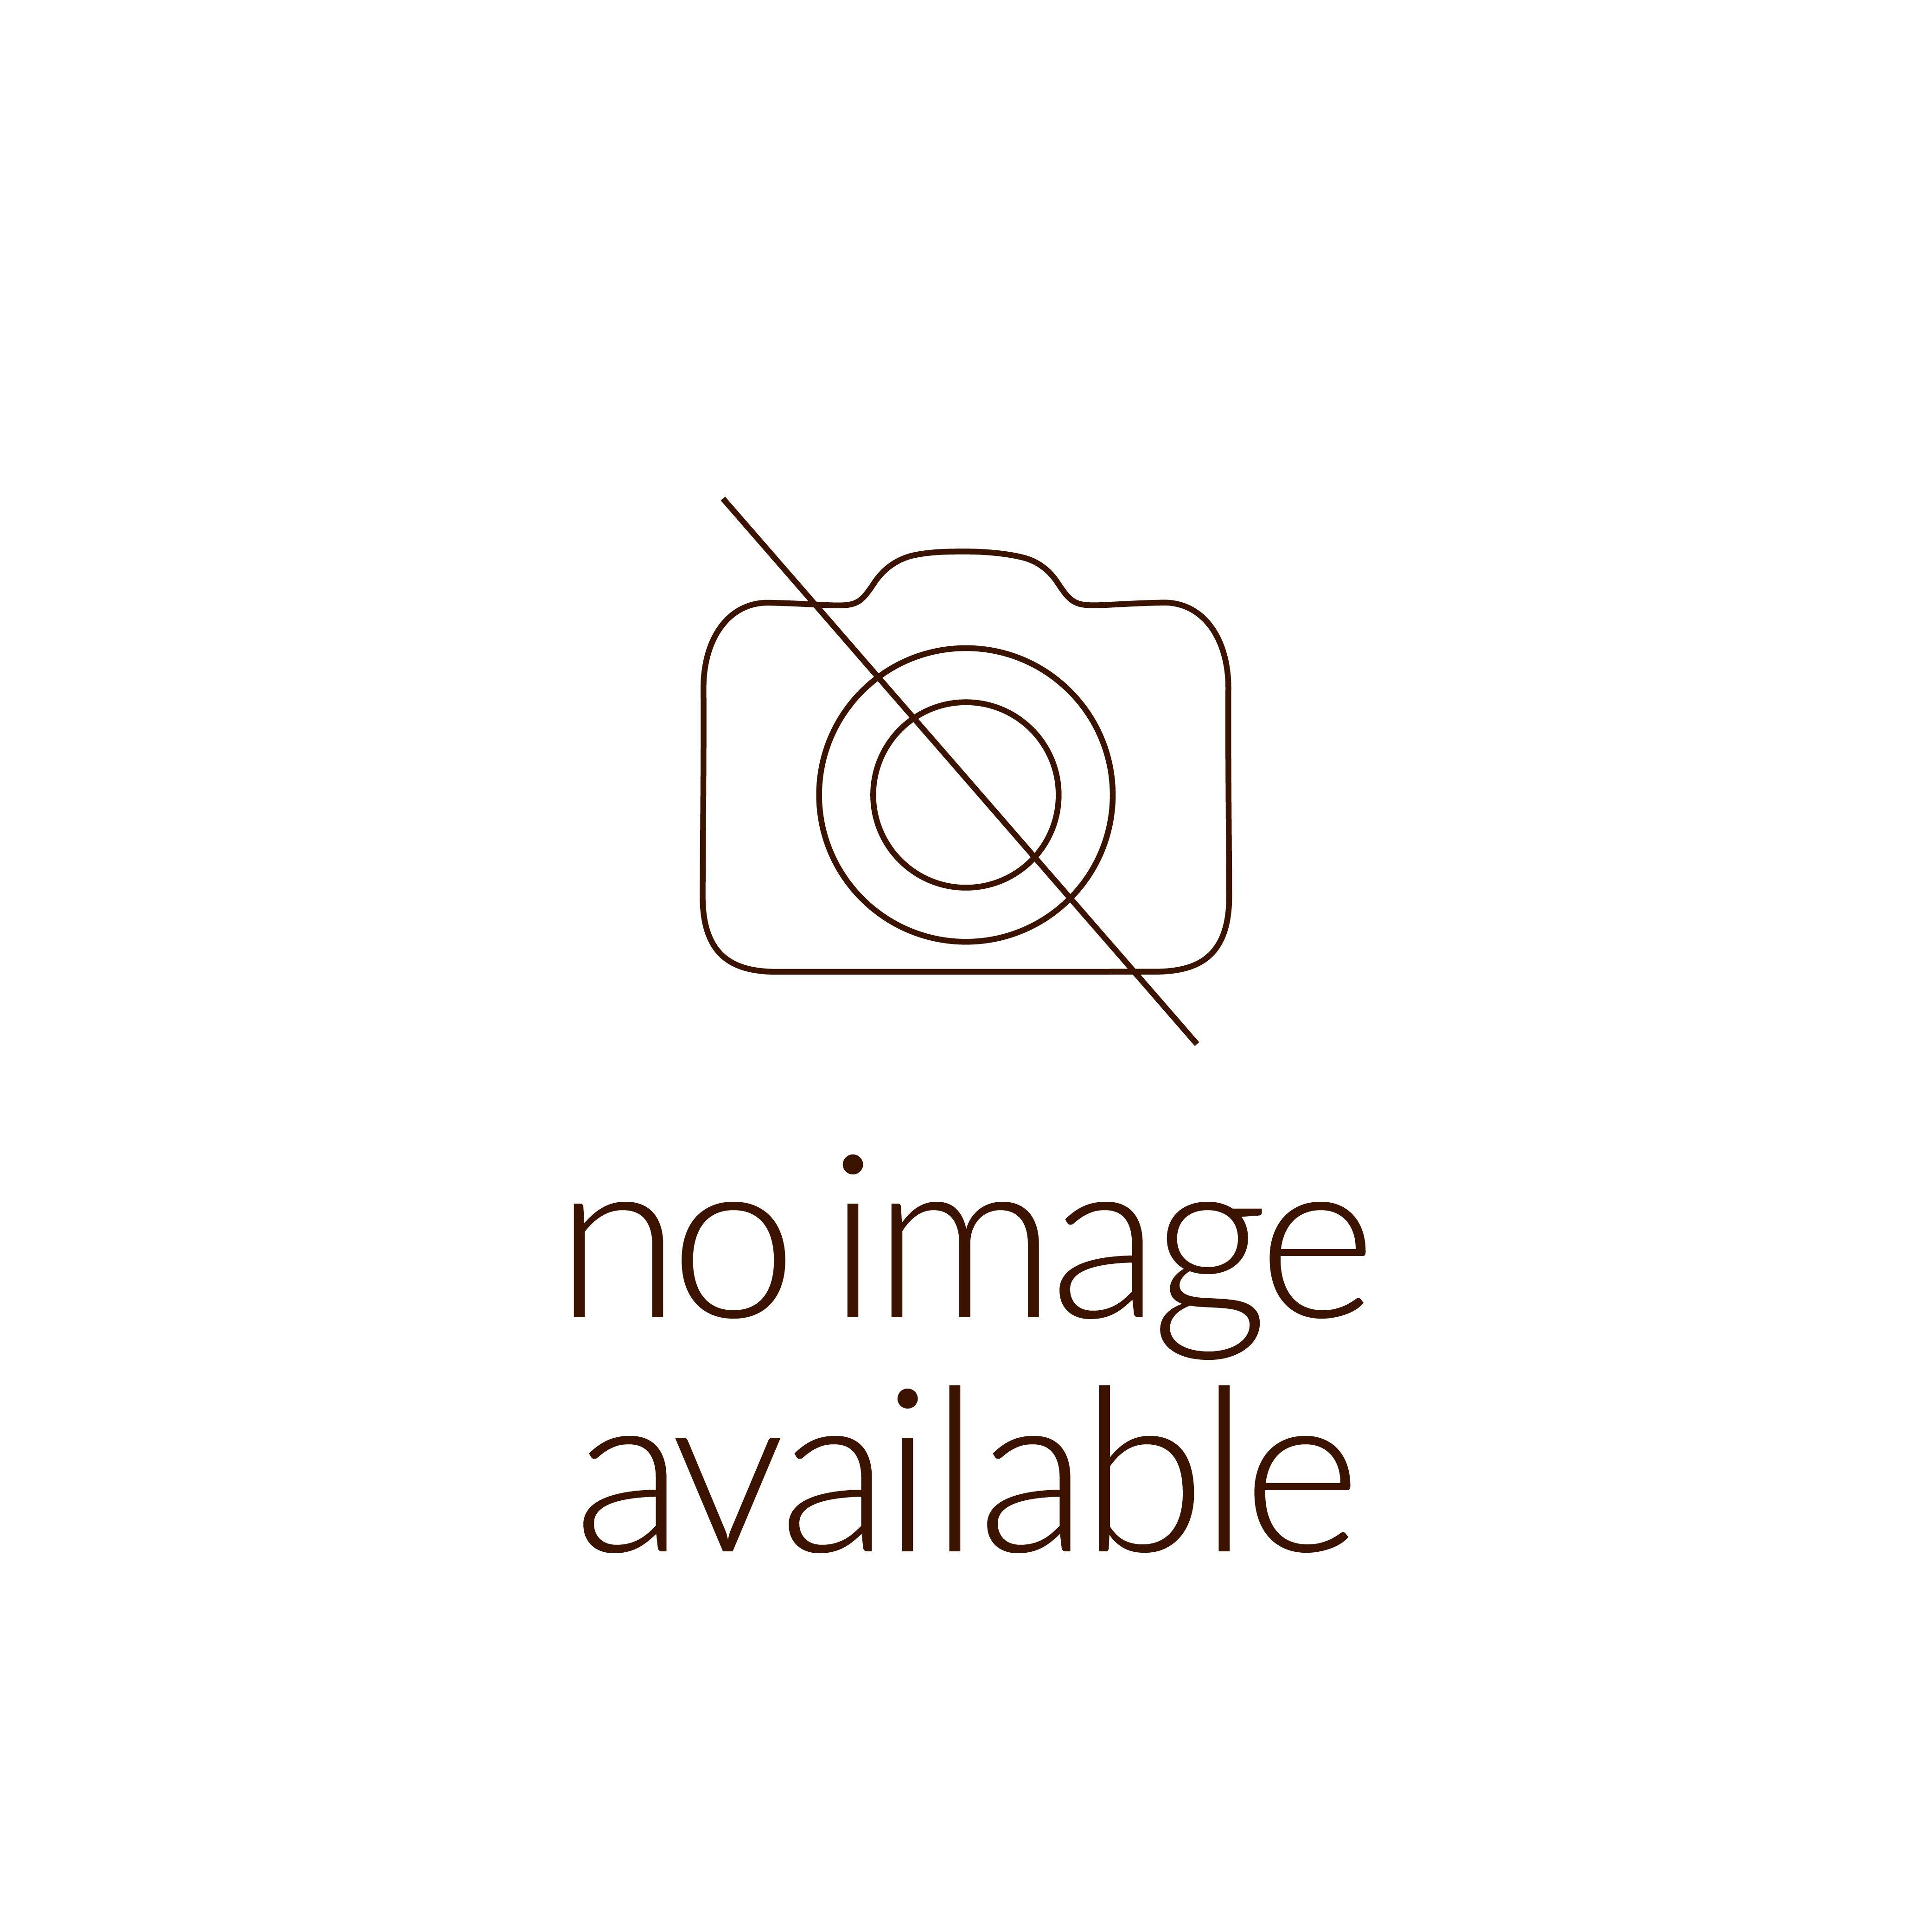 """מטבע זיכרון, יצחק רבין - חתן פרס נובל, כסף קשוט, 38.7 מ""""מ, 28.8 גרם - צד הנושא"""